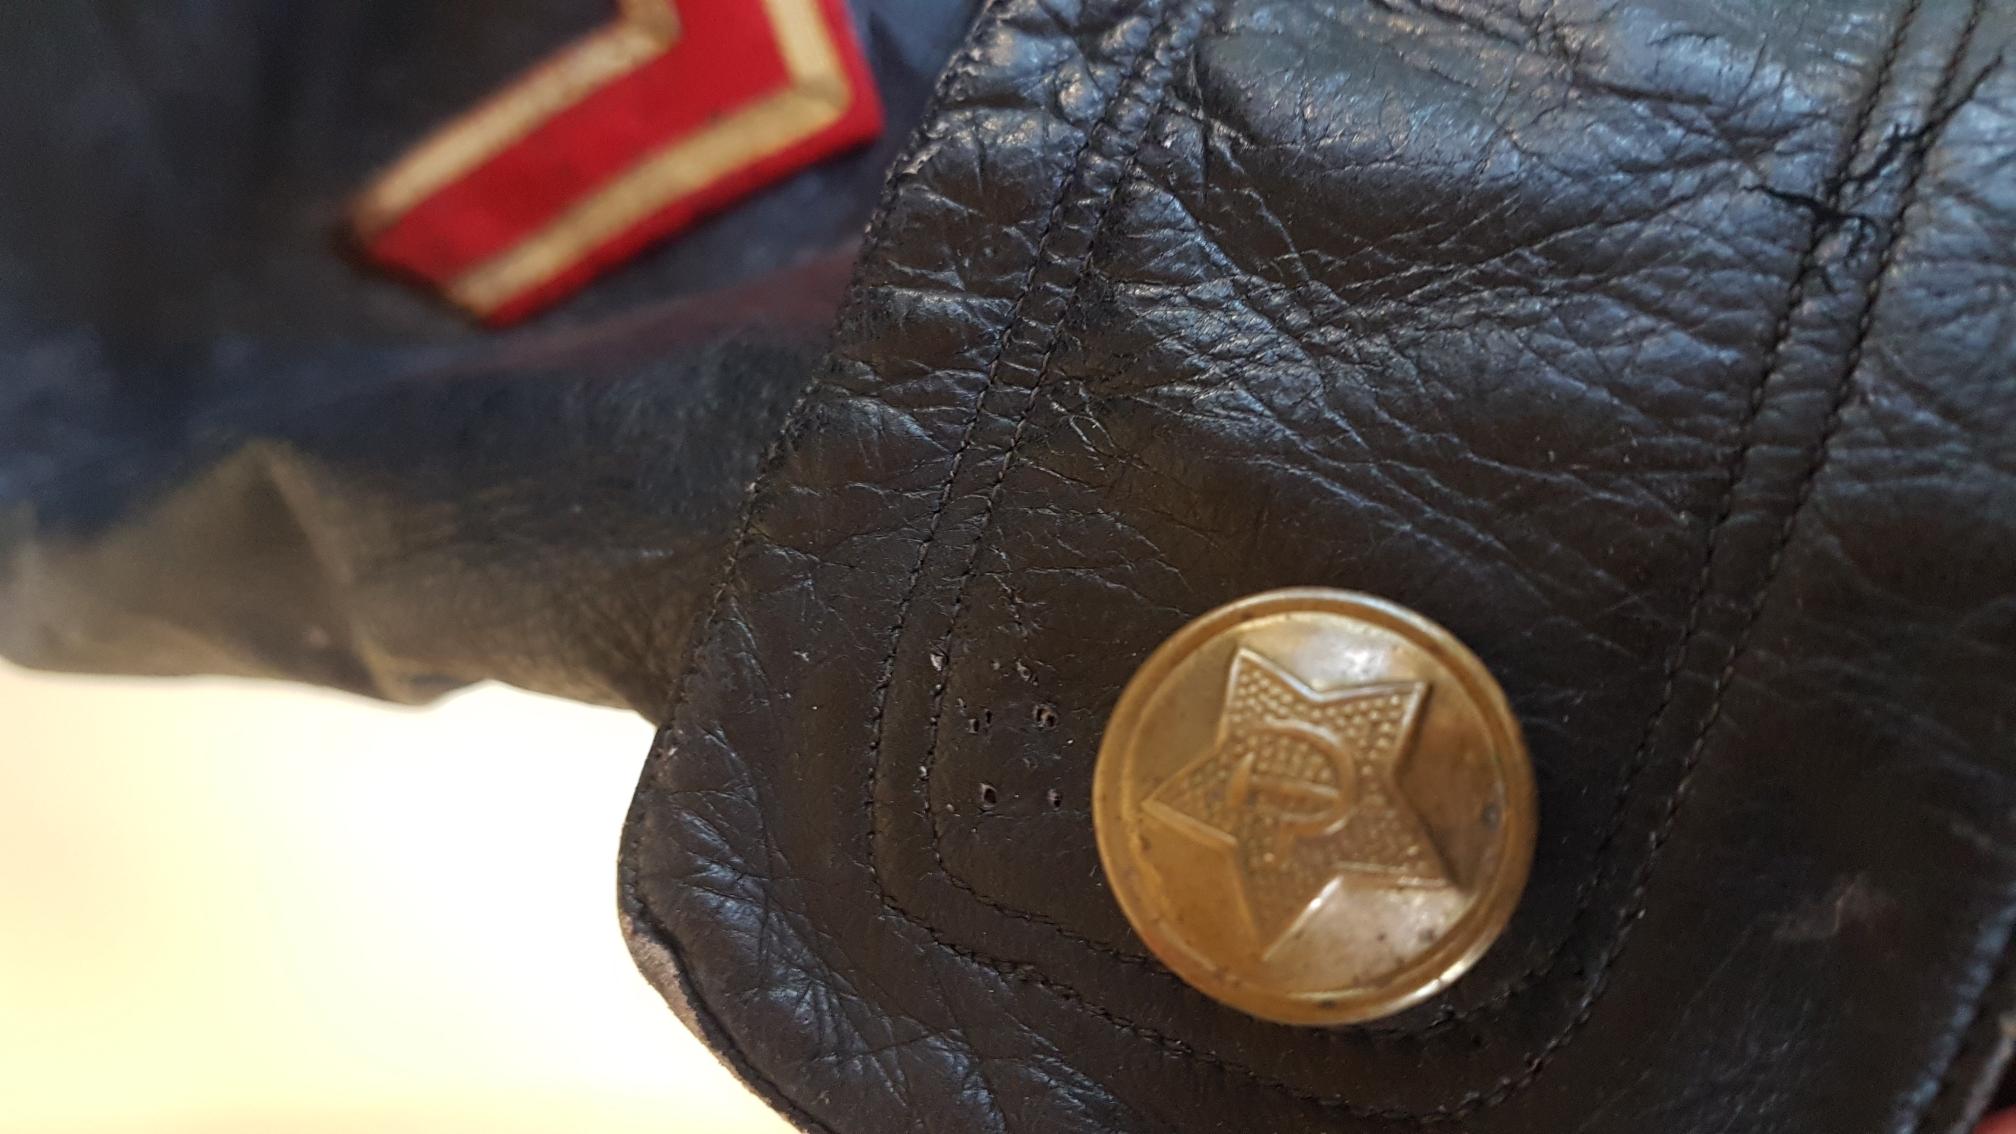 Authentification d'insigne de manche et de pattes de cols d'un tankiste russe 8e5e1c1c42463492